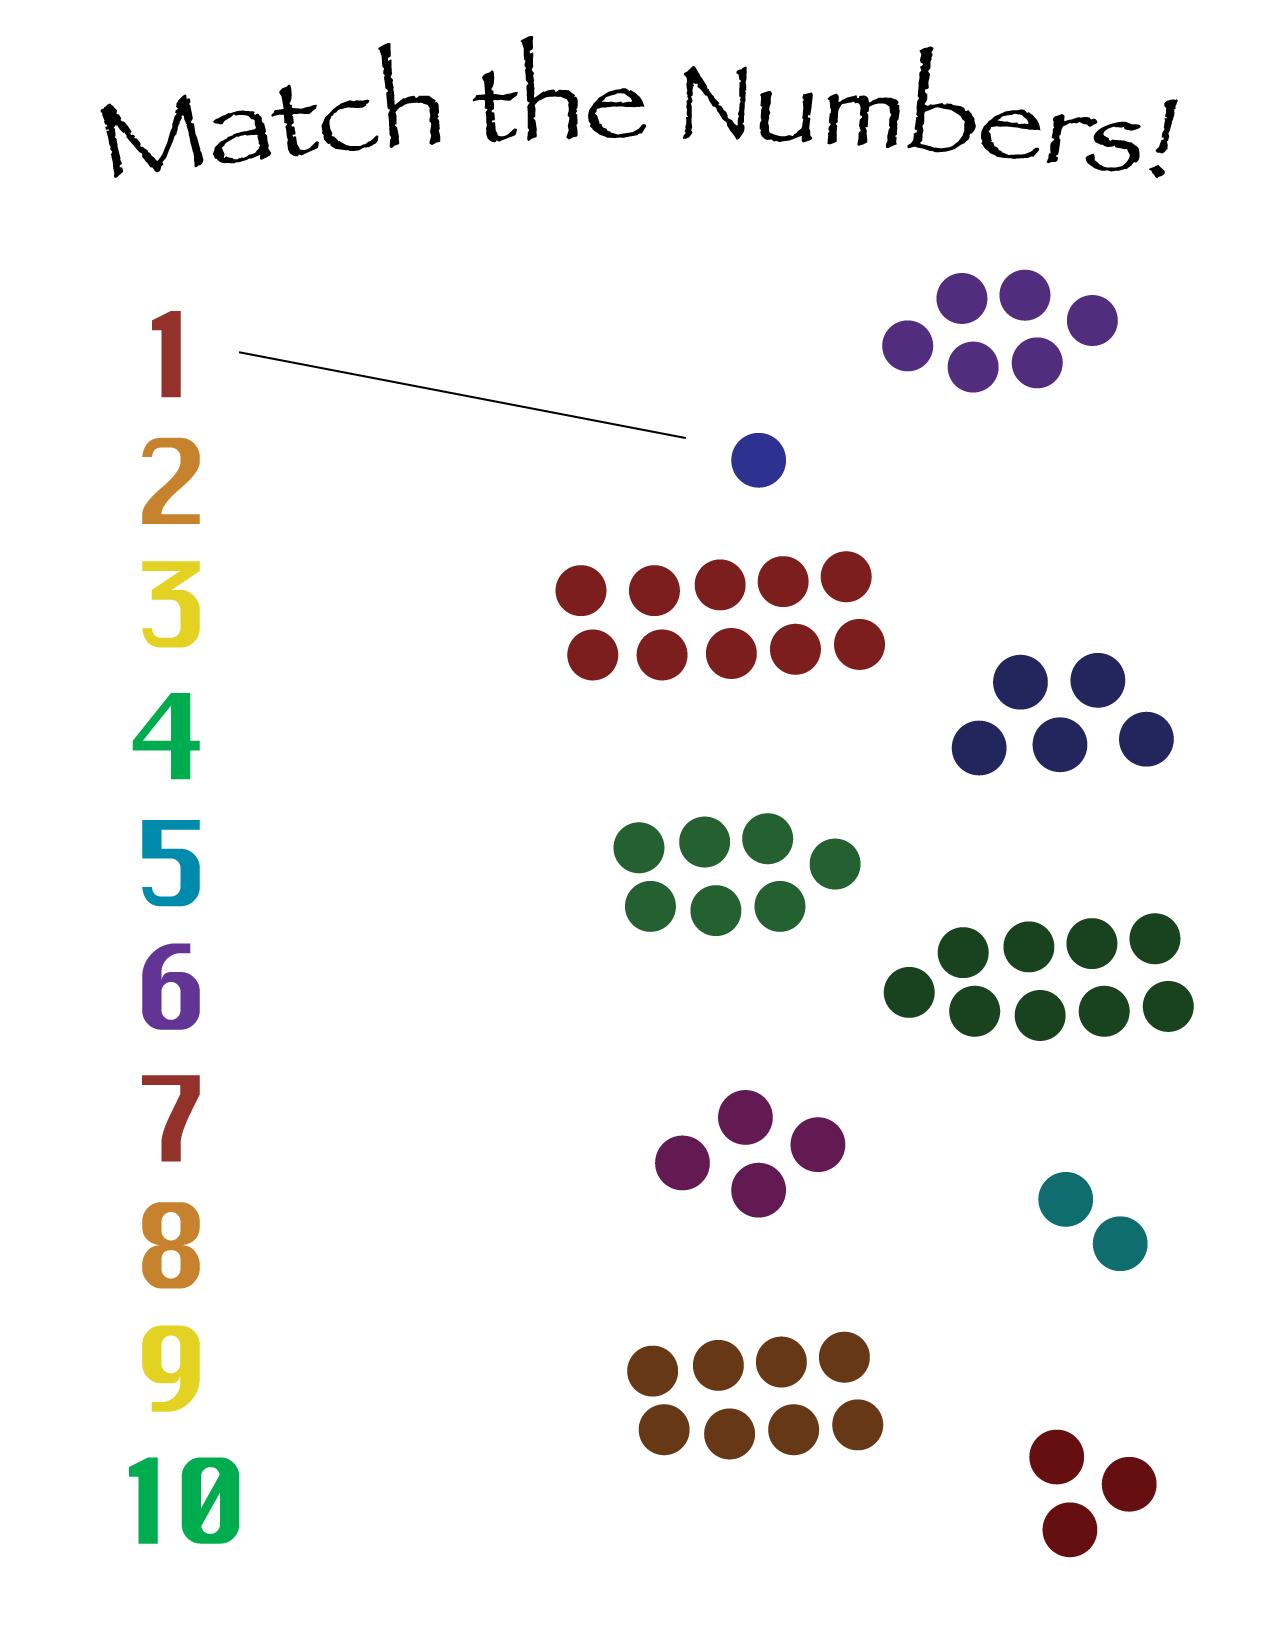 Number-match math sheet